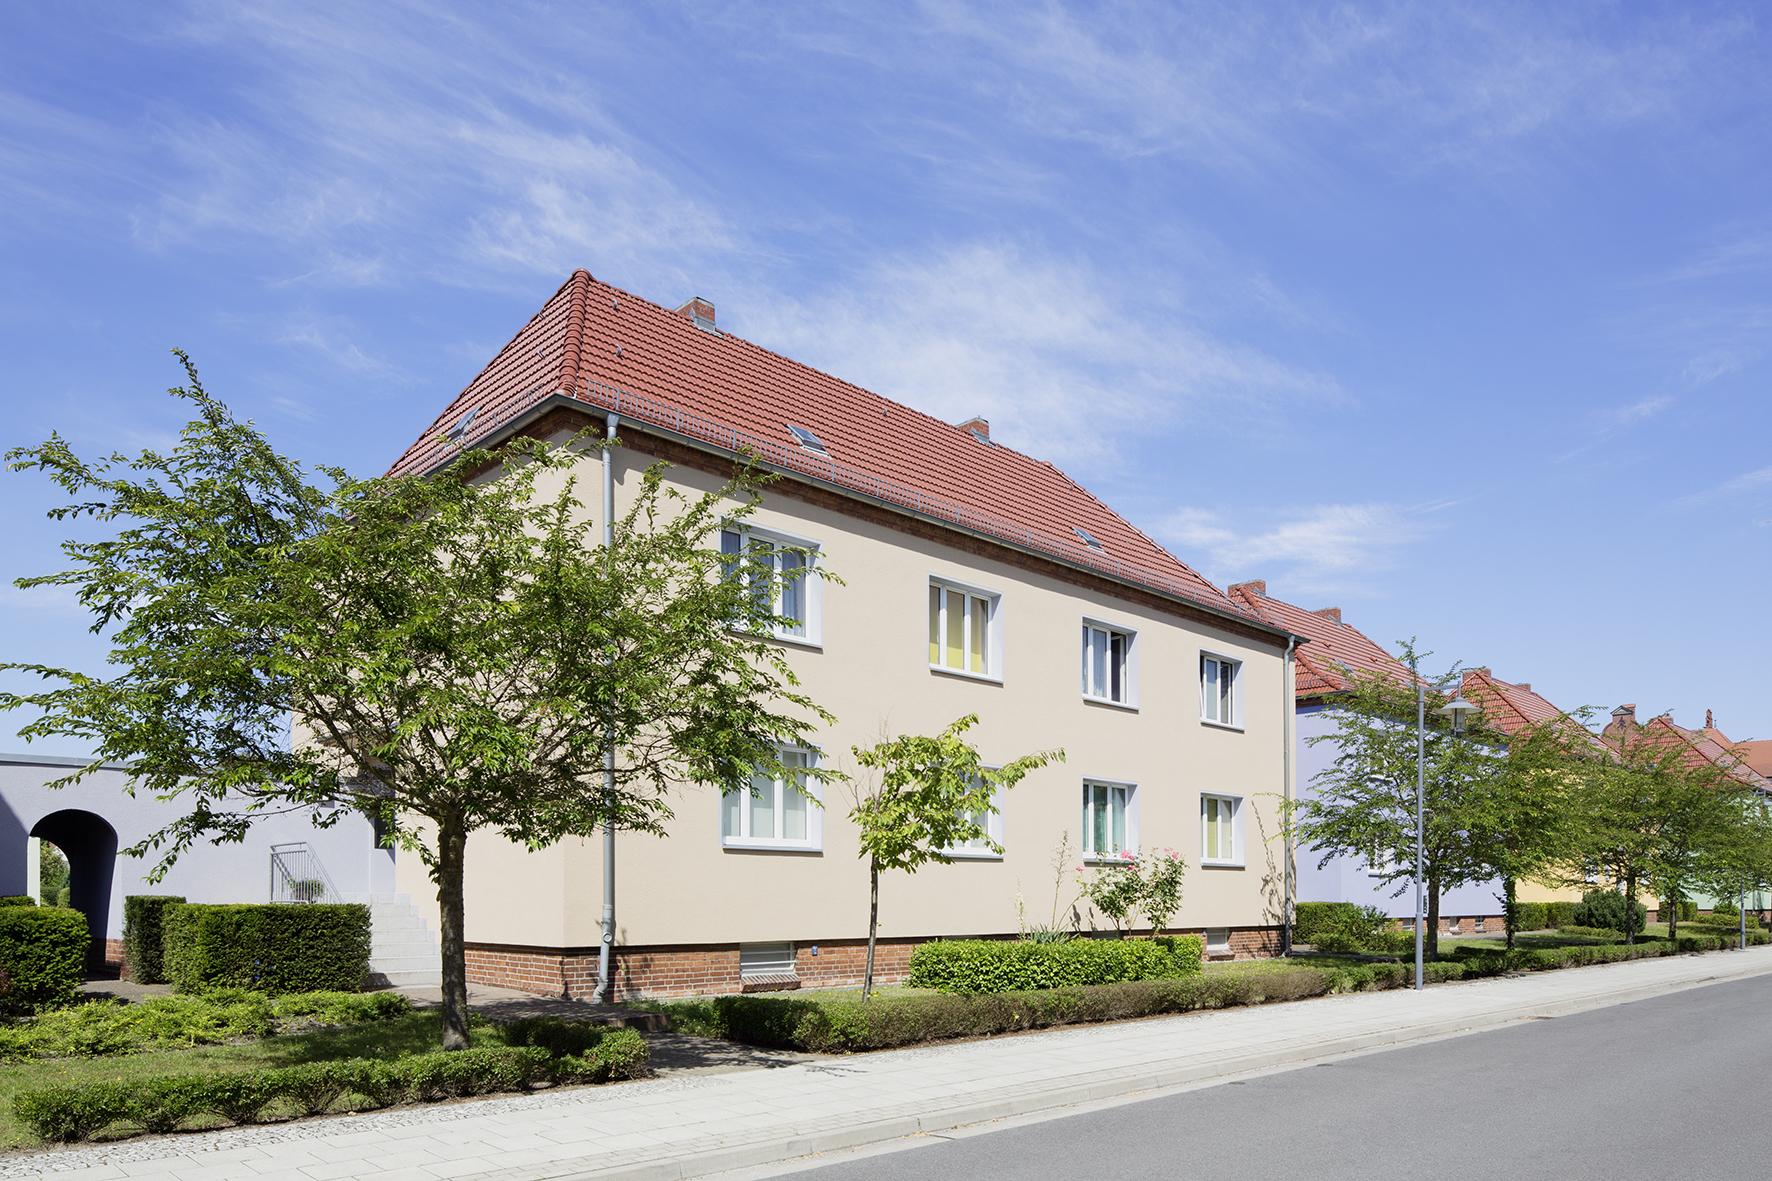 Deutscher Fassadenpreis 2014